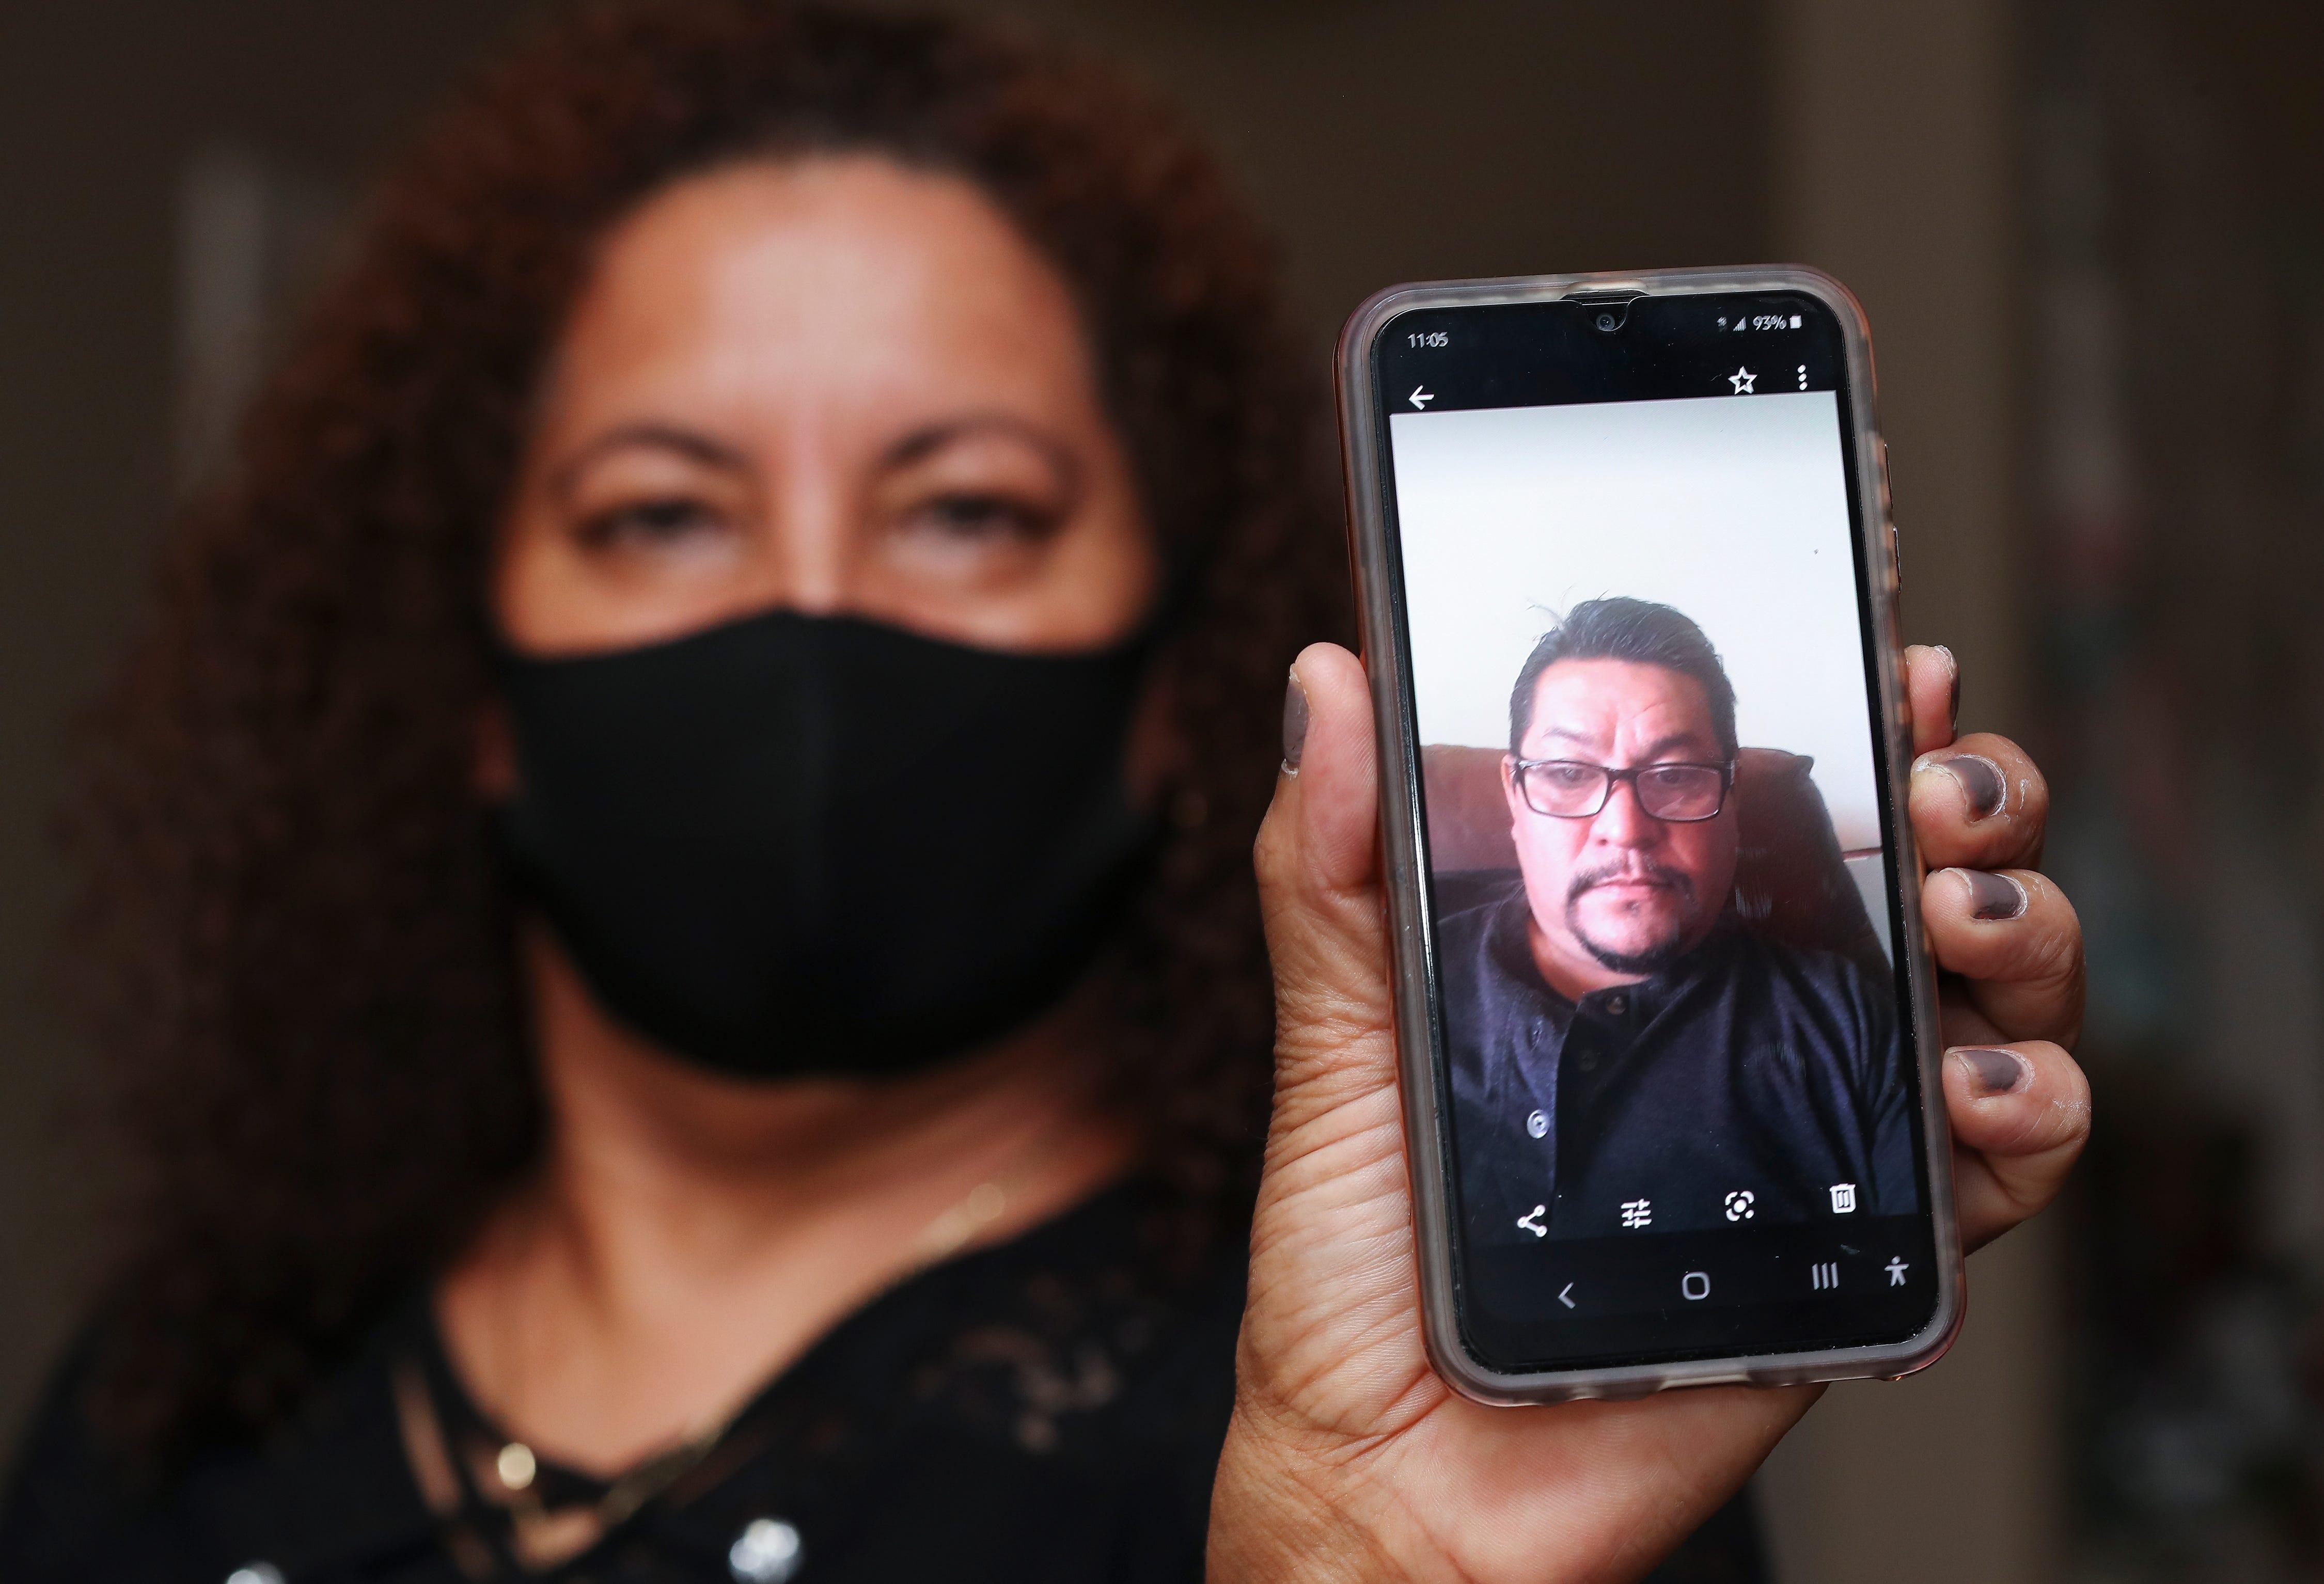 Alvina Baires' partner, Juan Carlos Pat Morales, died from COVID-19 in April.